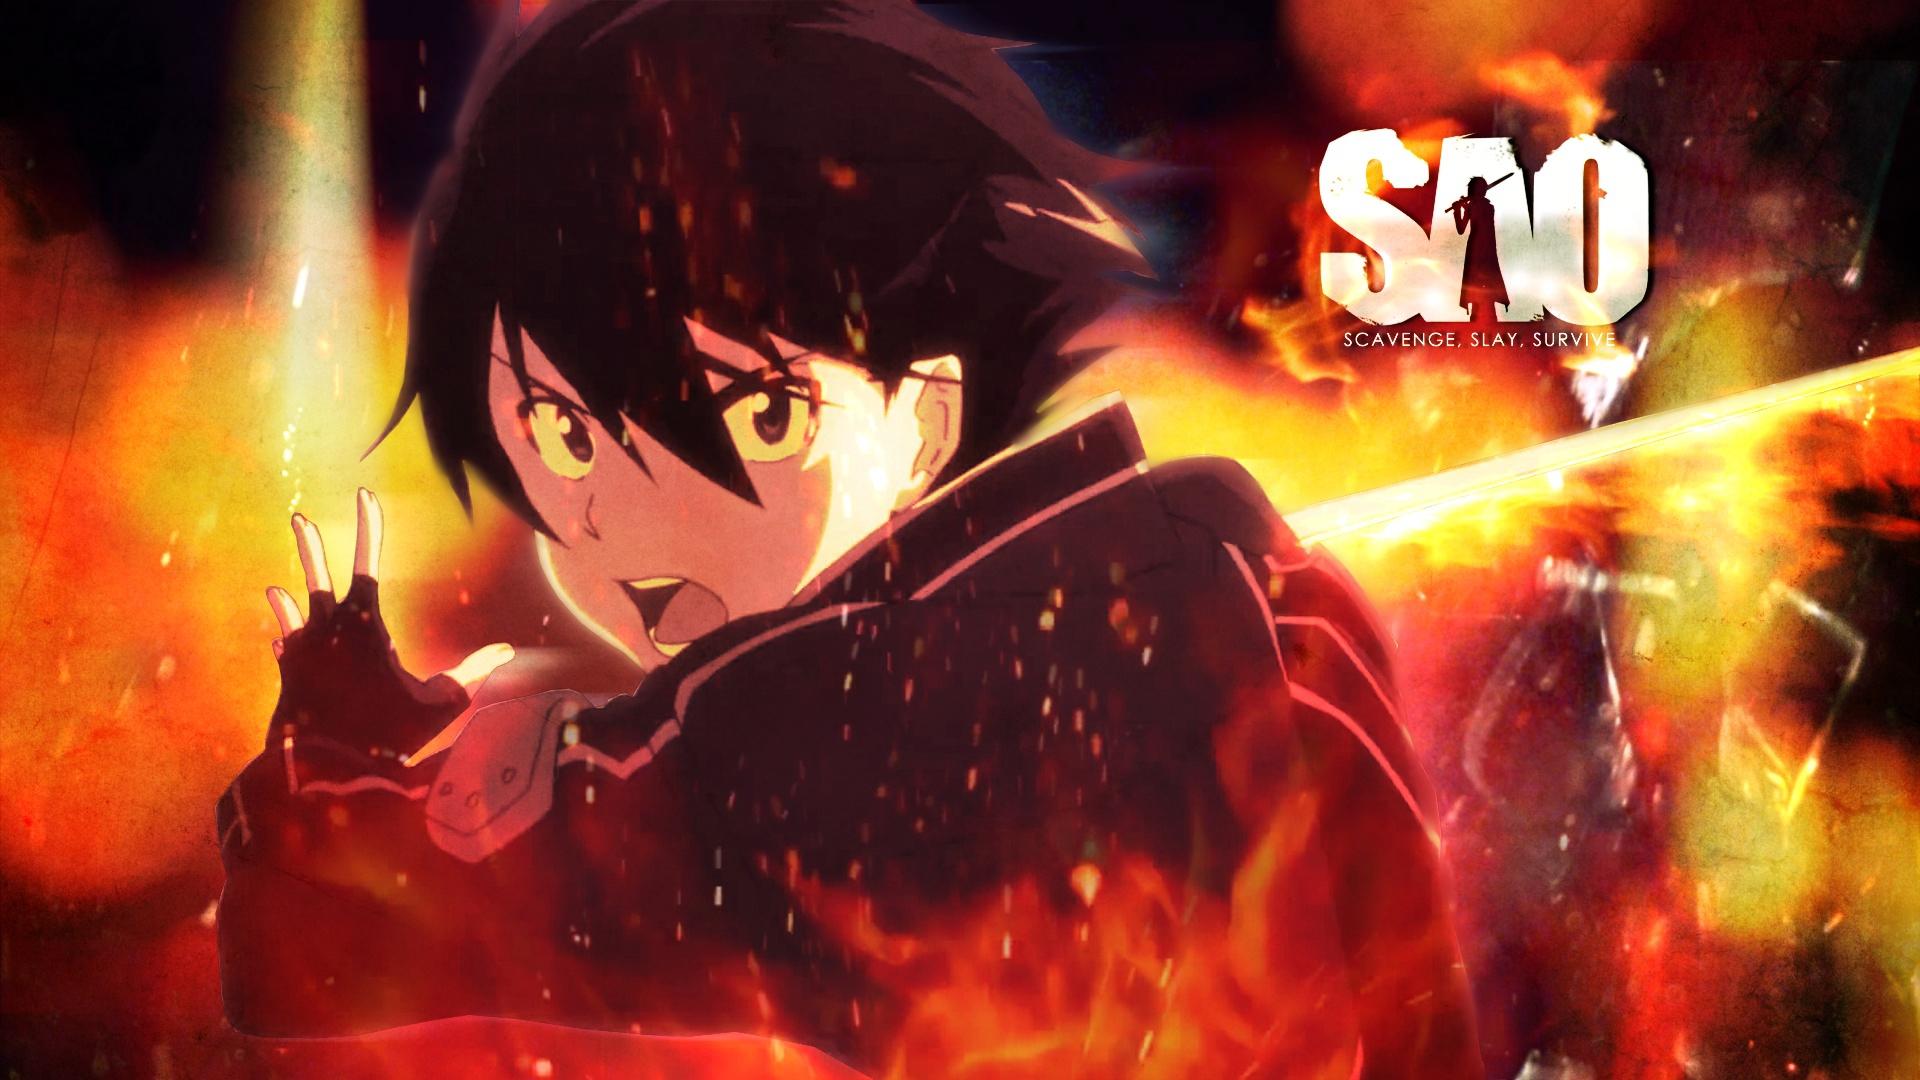 Sword Art Online wallpaper 8